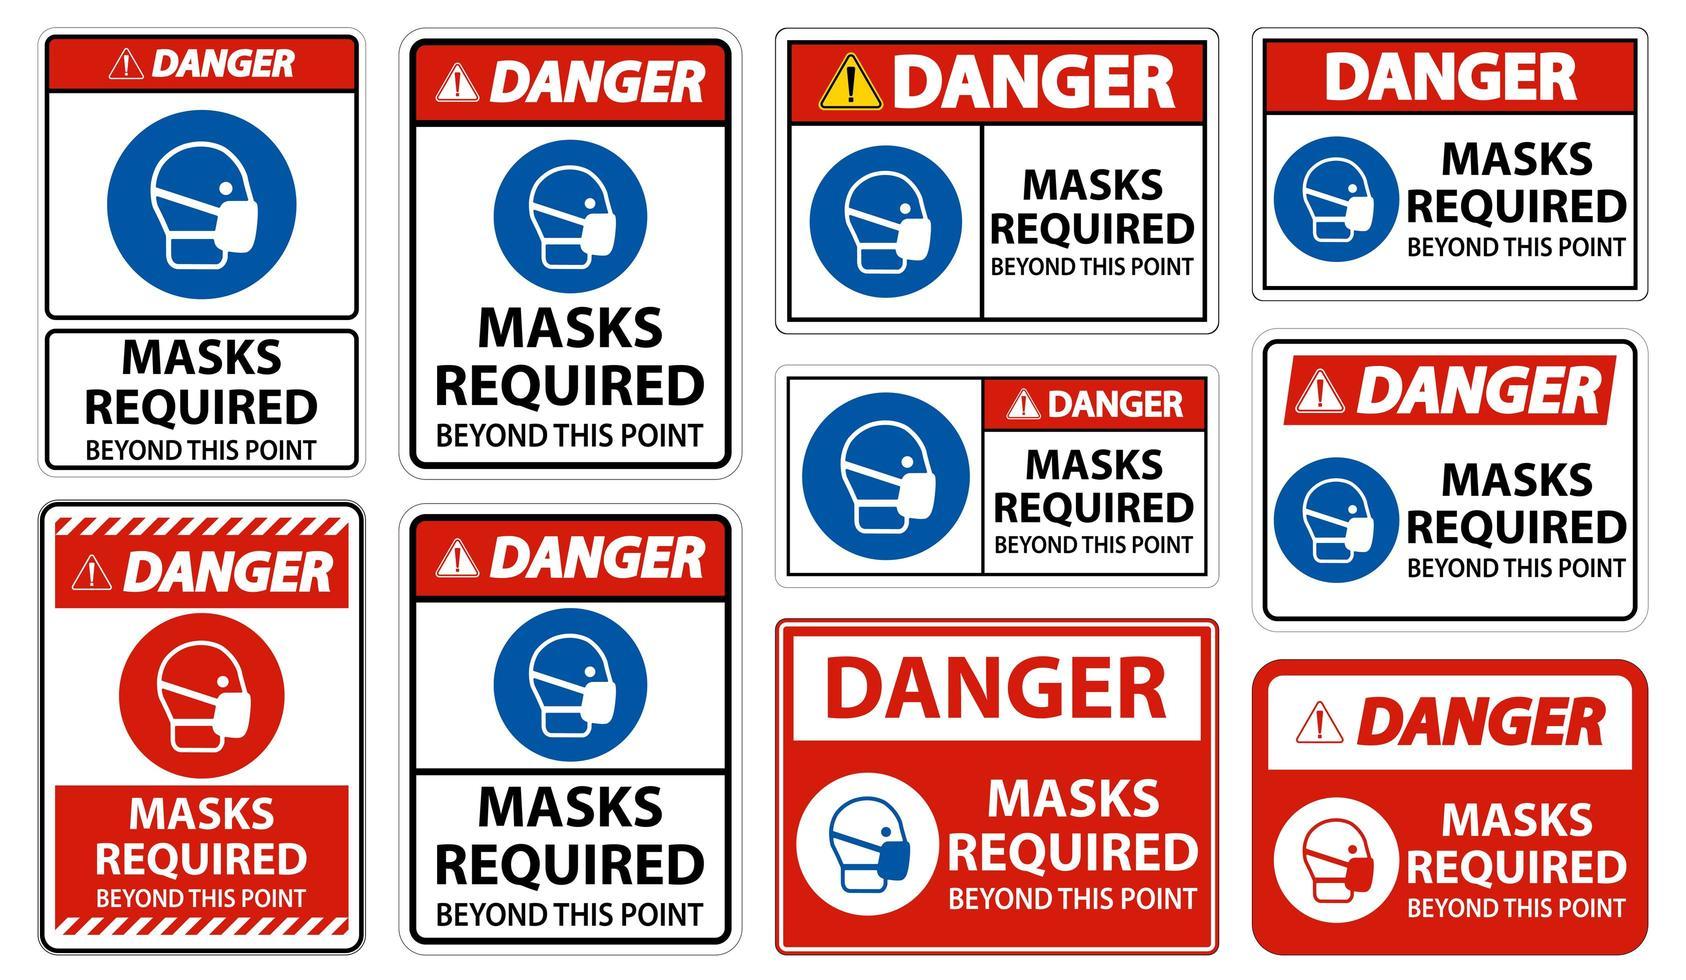 maschere di pericolo richieste oltre questo set di punti vettore